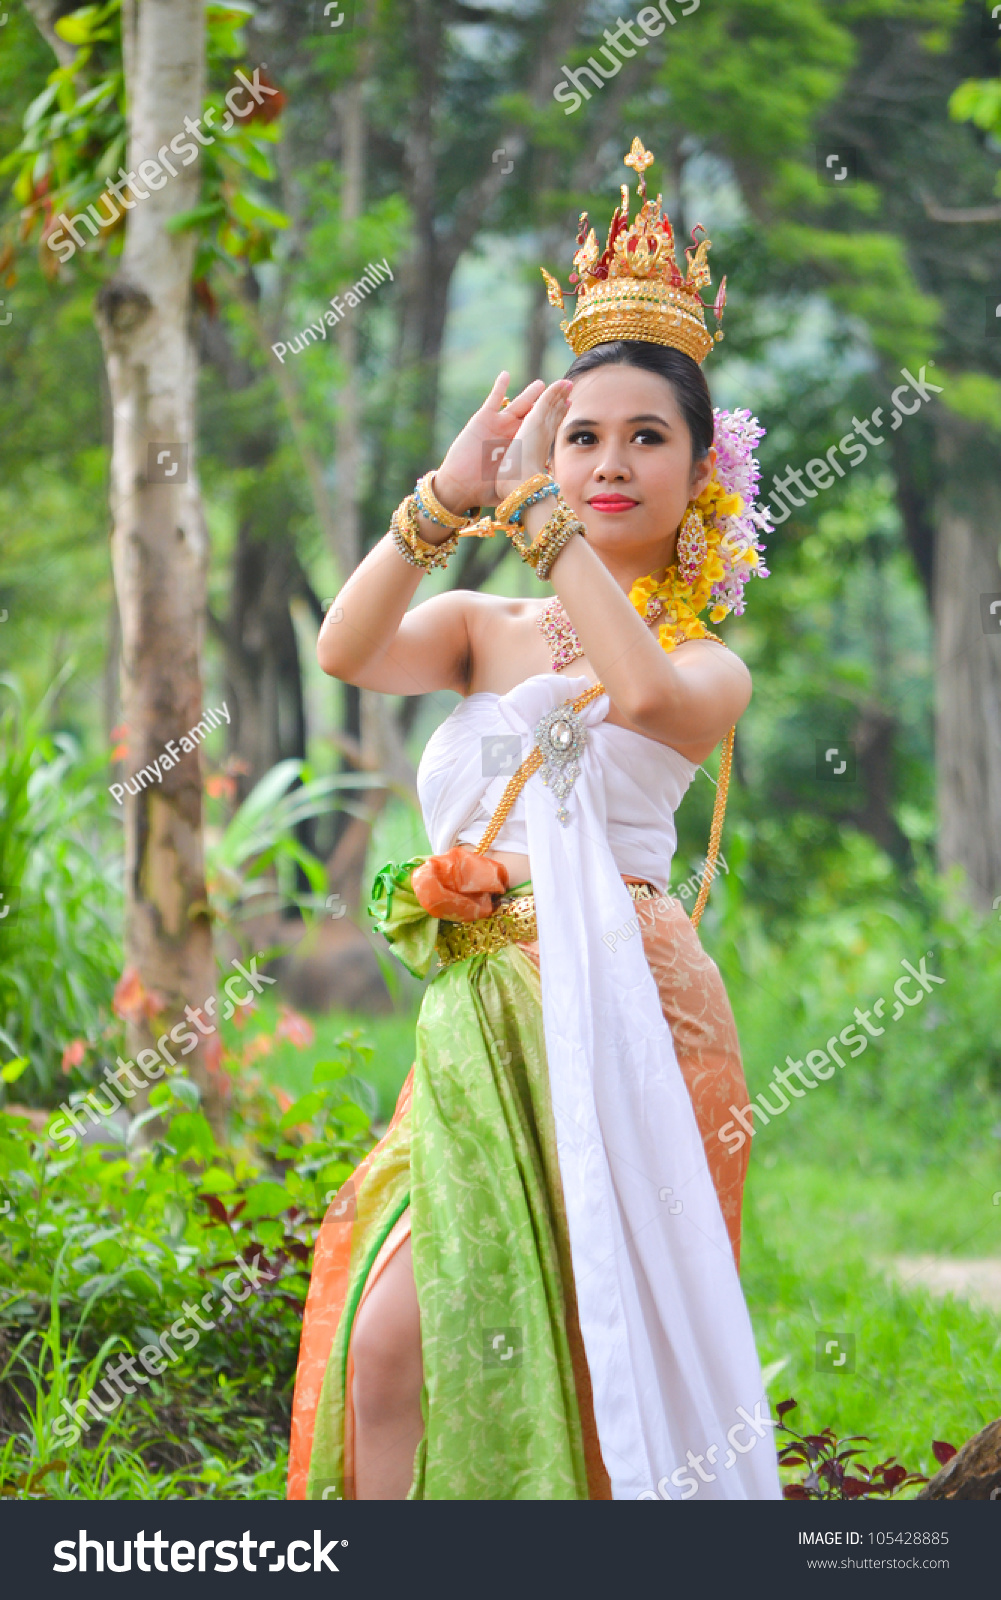 Southeast Asian Women In Any 34